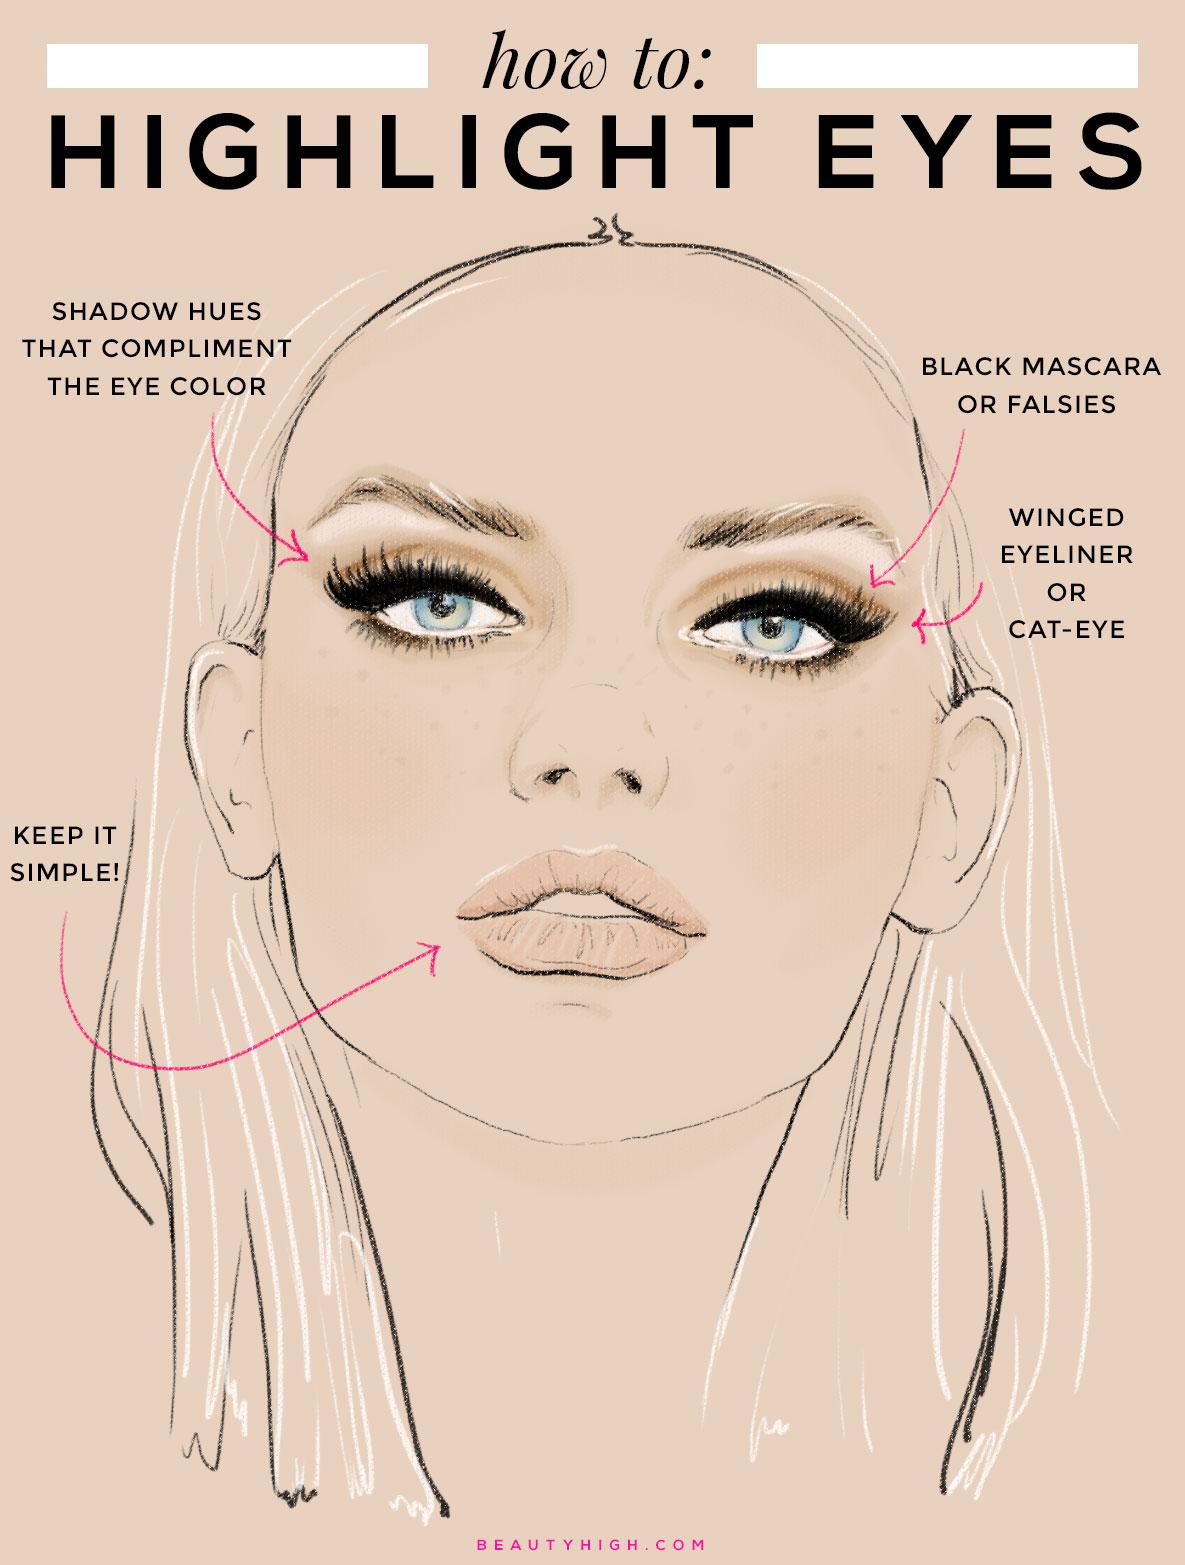 Prom Makeup Tips to Highlight Your FacialFeatures